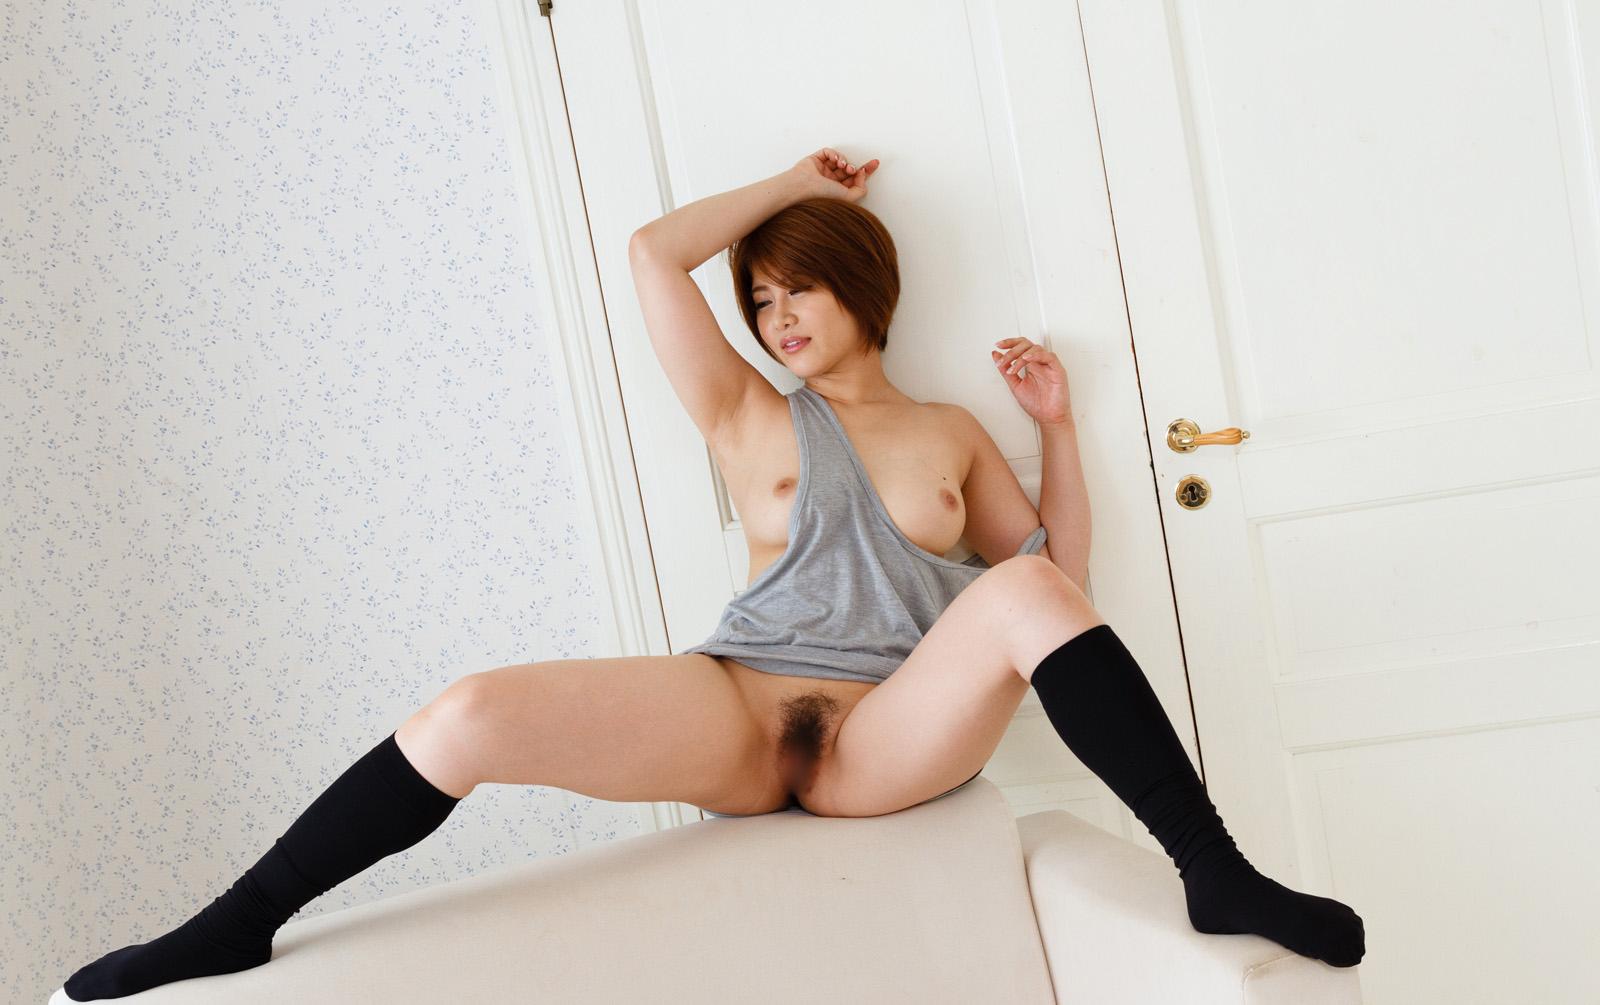 推川ゆうり 画像 33